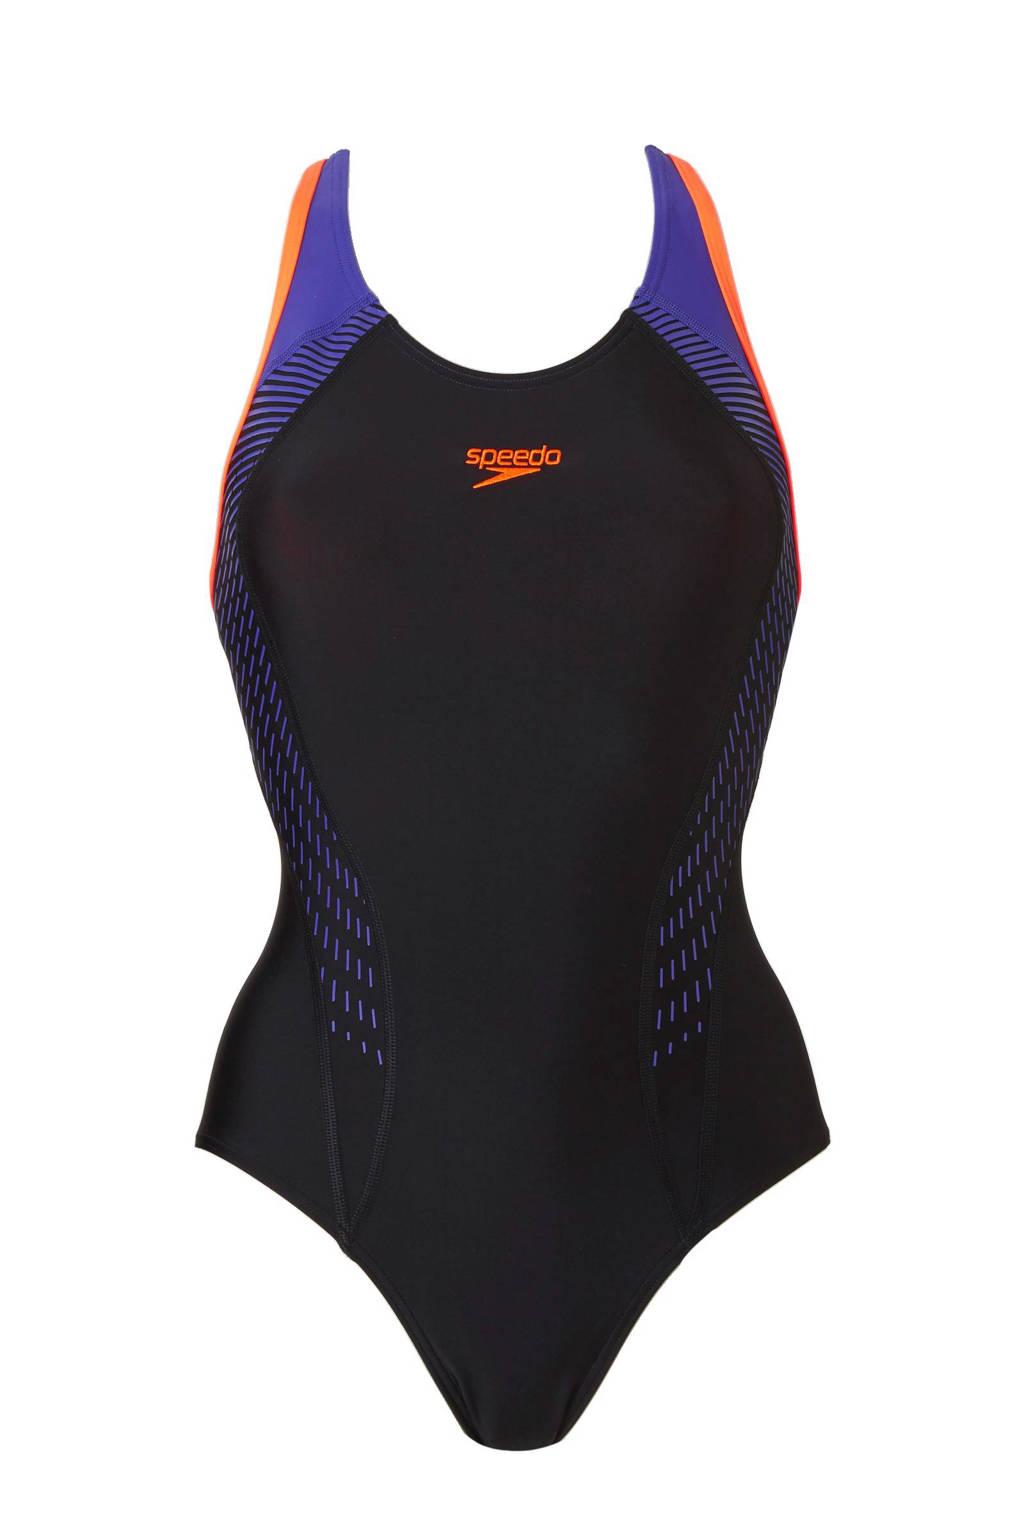 Speedo Endurance 10 sportbadpak Laneback zwart/paars, Zwart/paars/oranje